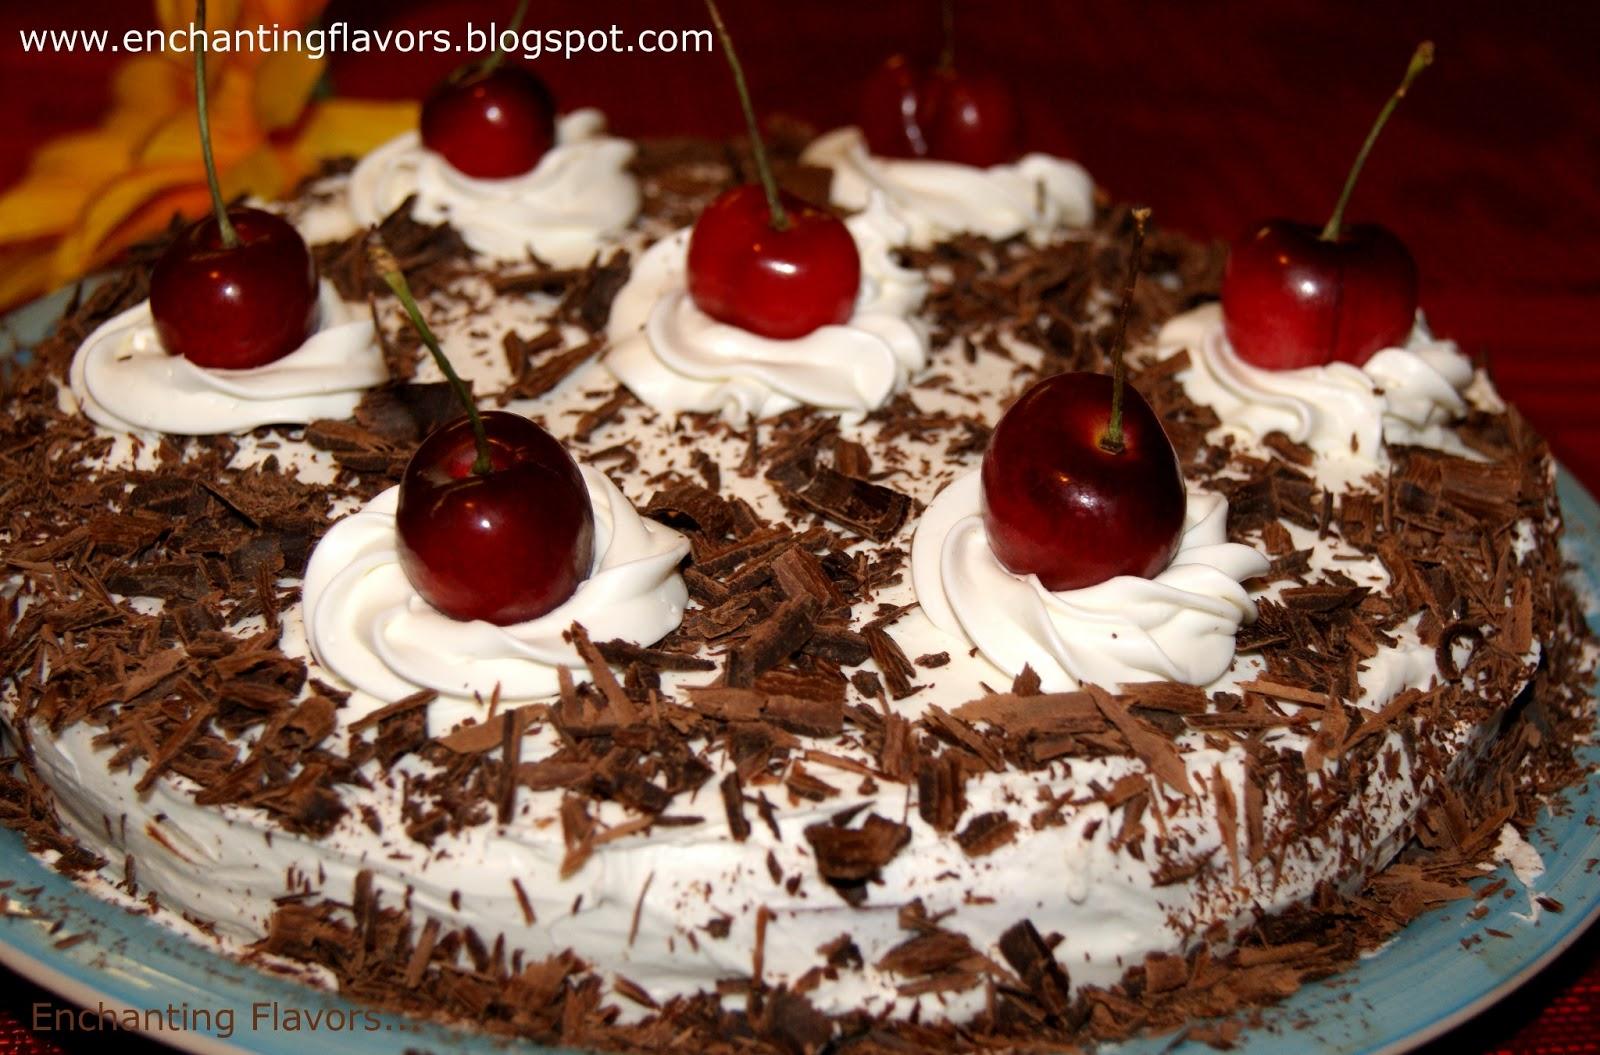 Enchanting Flavors Black Forest Cake